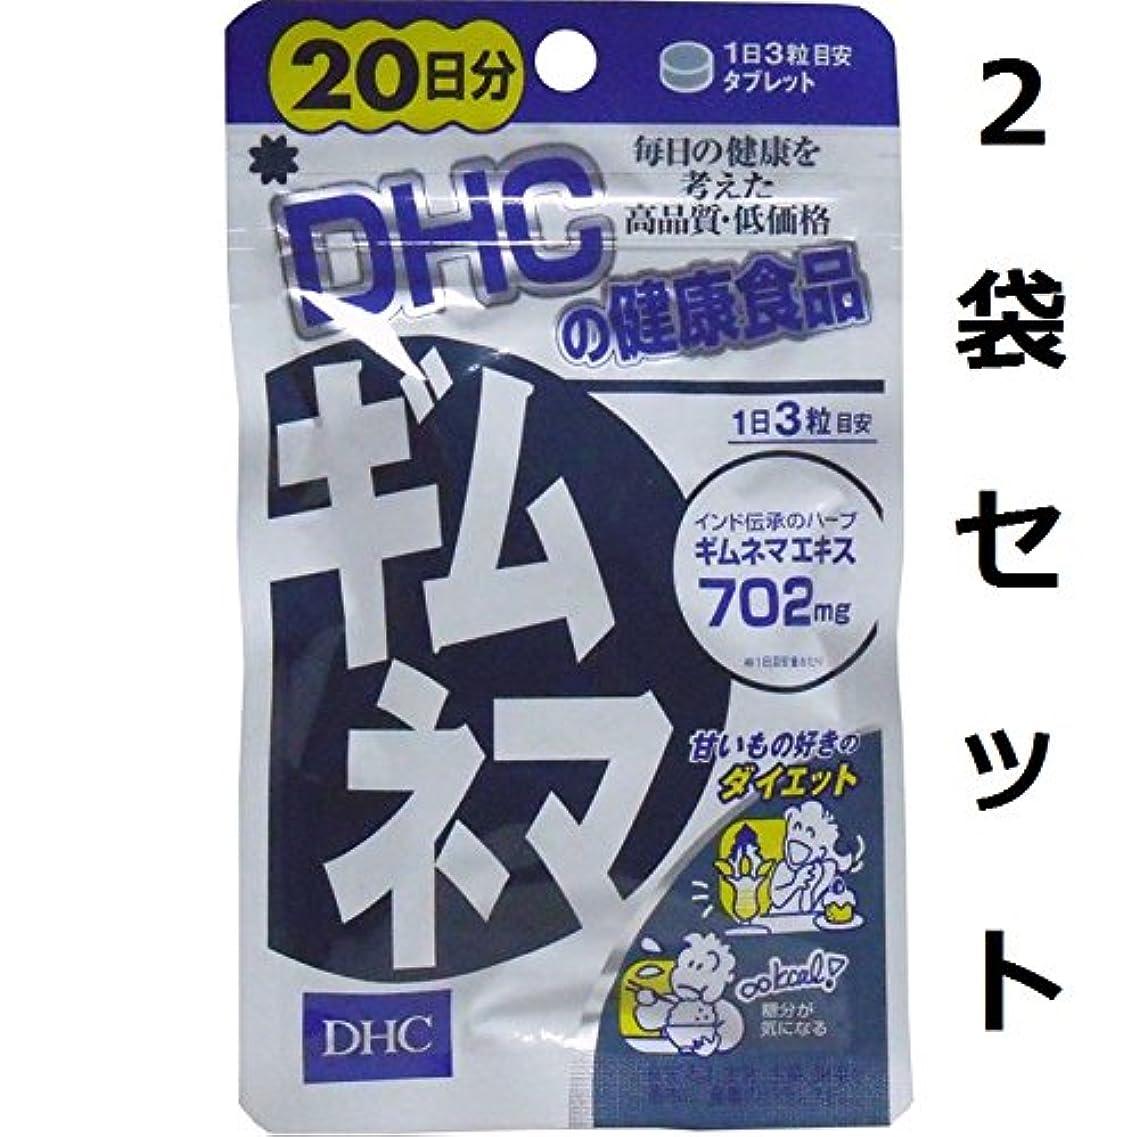 とにかく謙虚悪性腫瘍糖分や炭水化物を多く摂る人に DHC ギムネマ 20日分 60粒 2袋セット